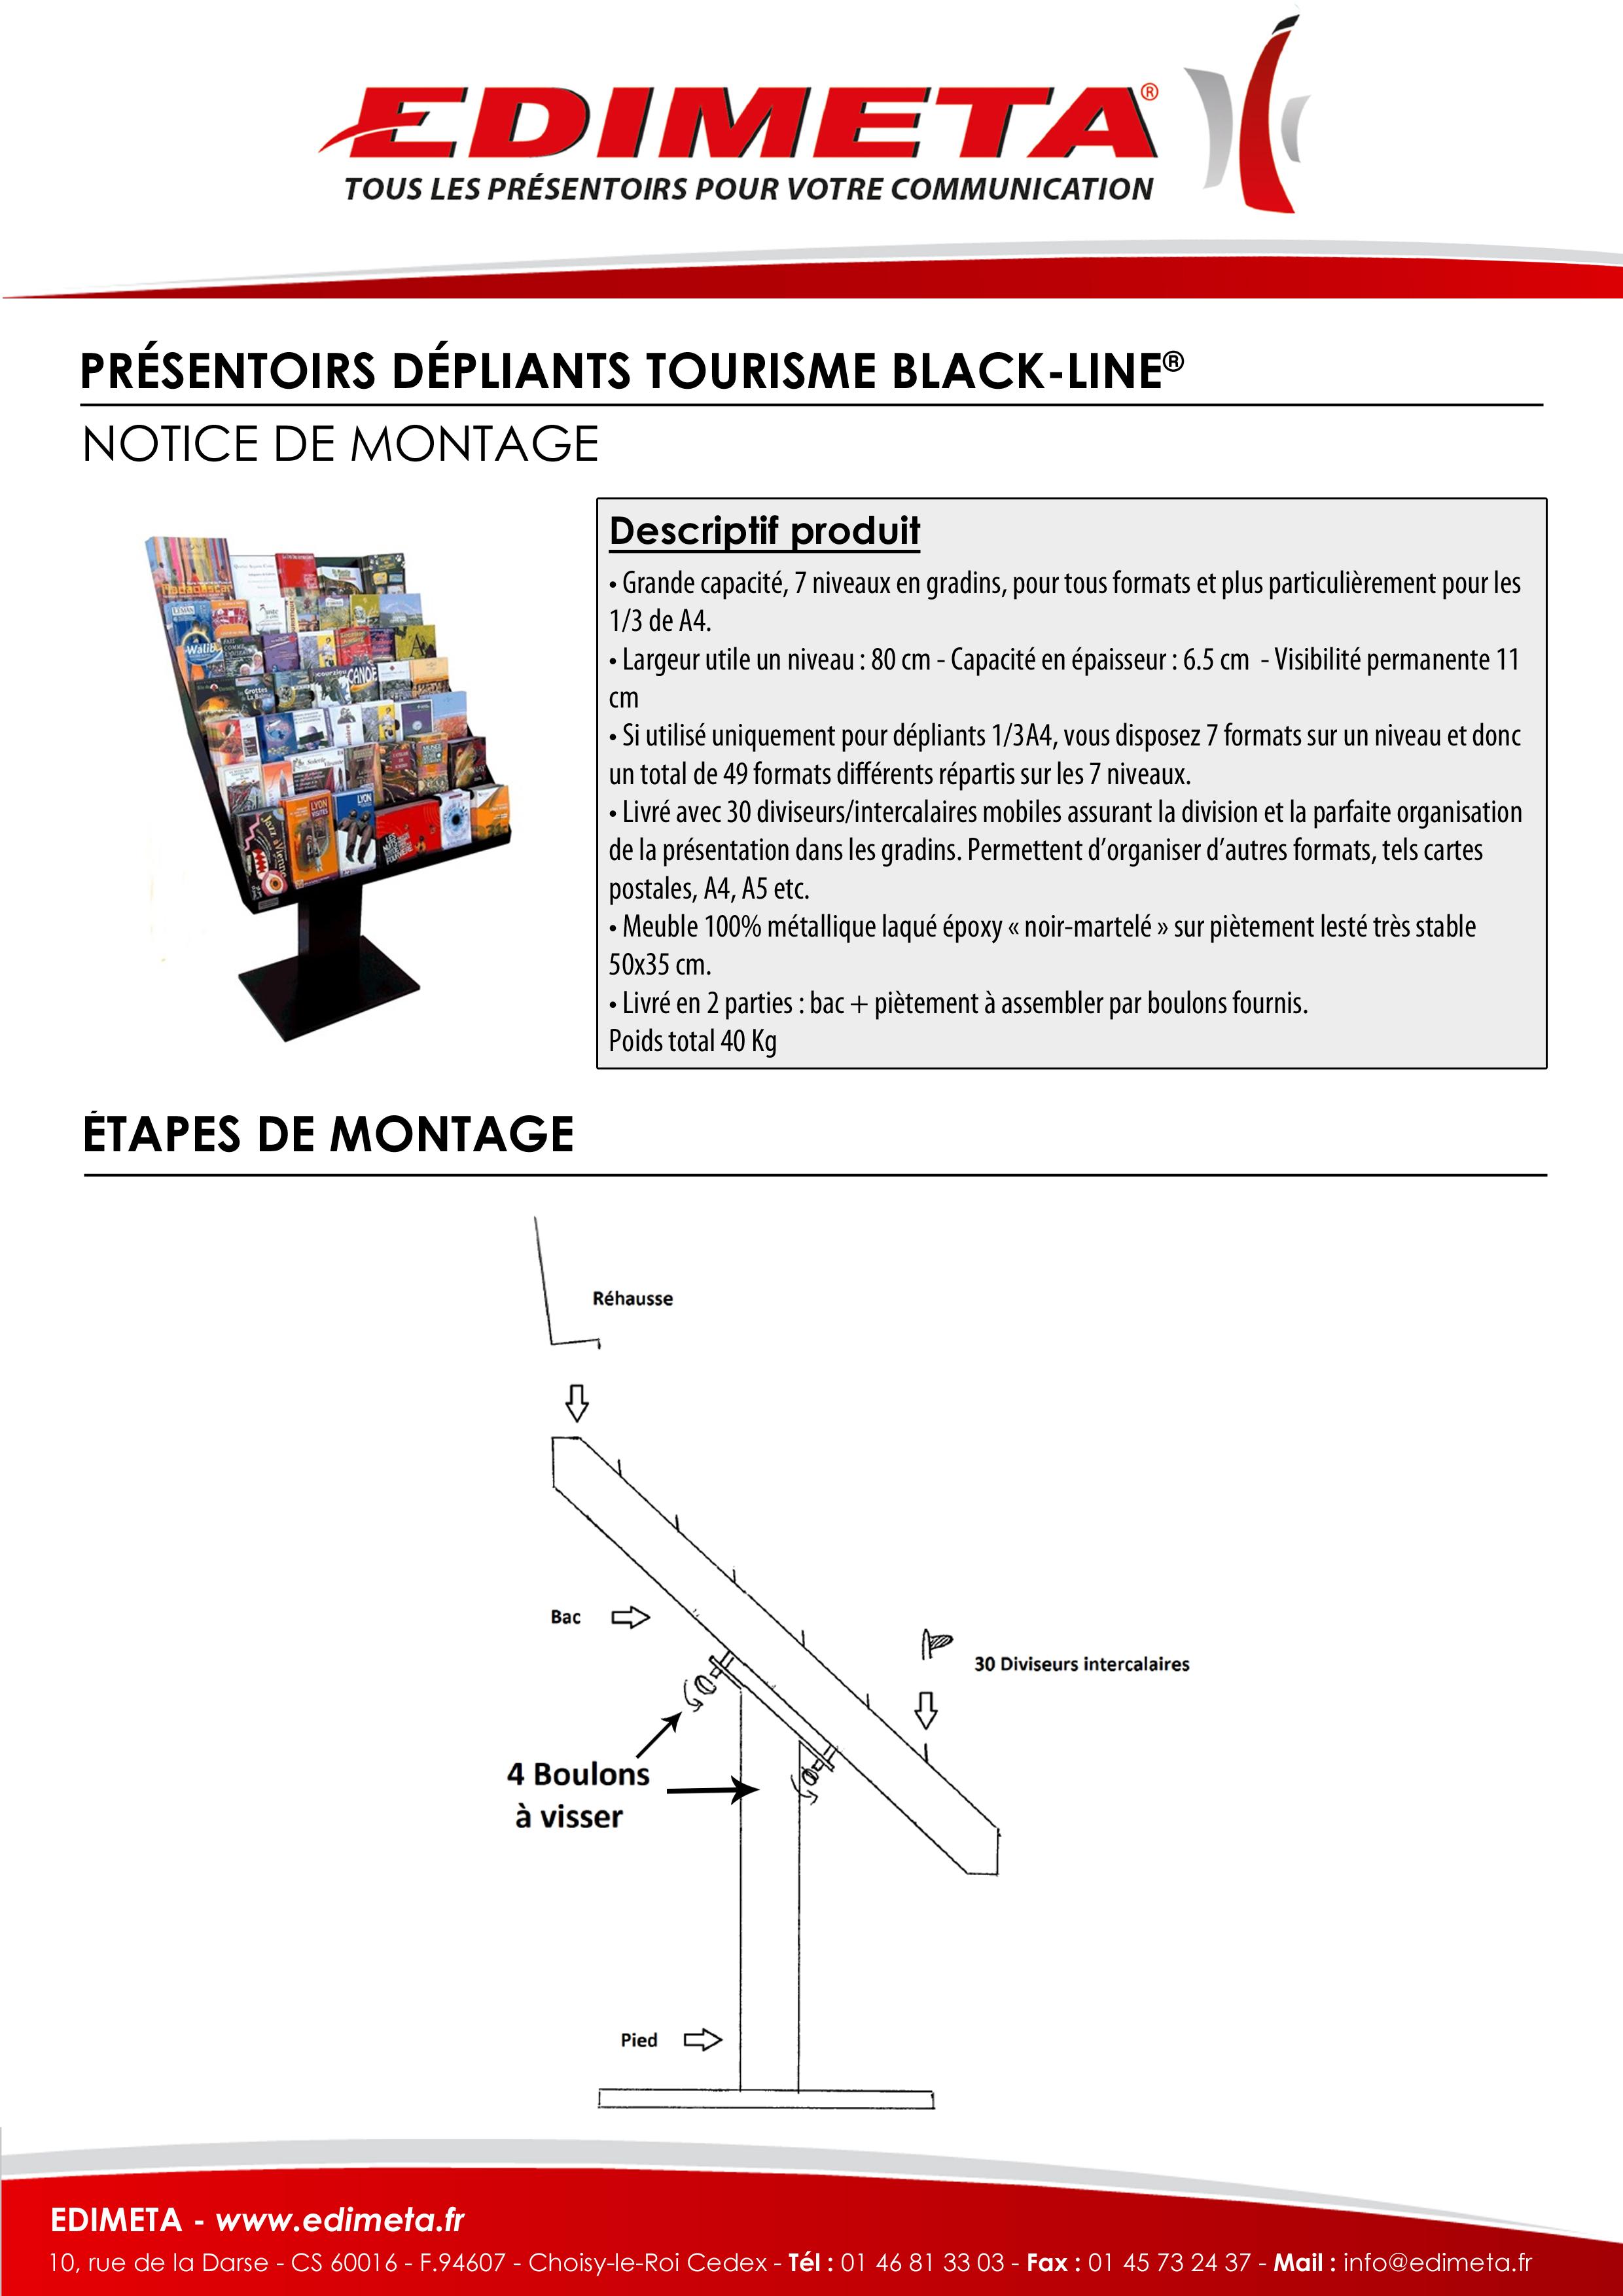 NOTICE DE MONTAGE : PRÉSENTOIRS DÉPLIANTS TOURISME BLACK-LINE®